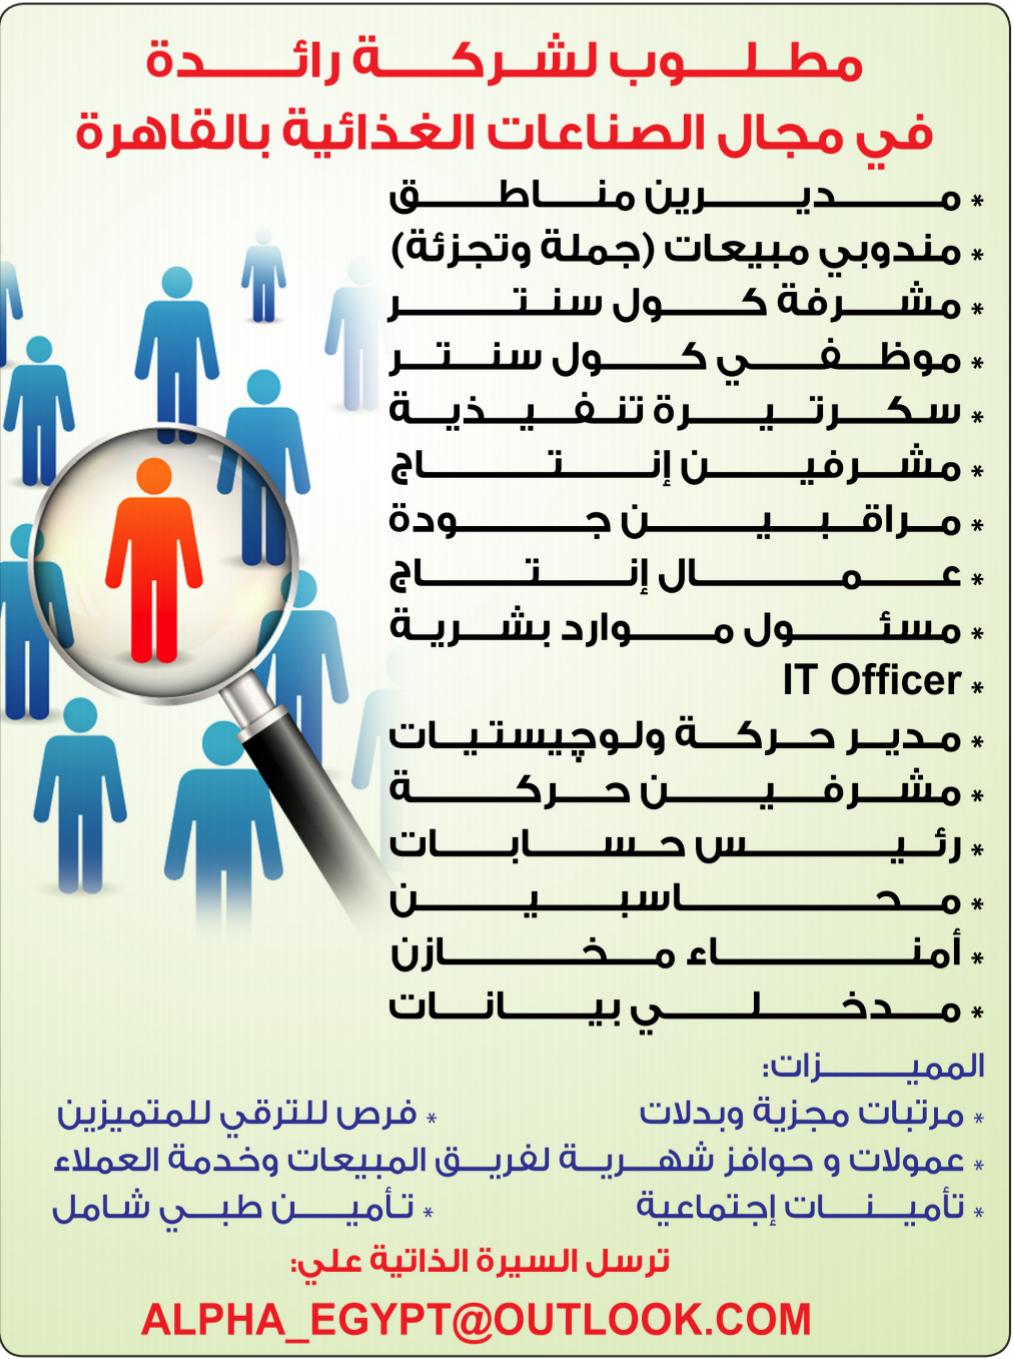 وظائف الوسيط اليوم 27/4/2020 نسخة الاسكندرية 3